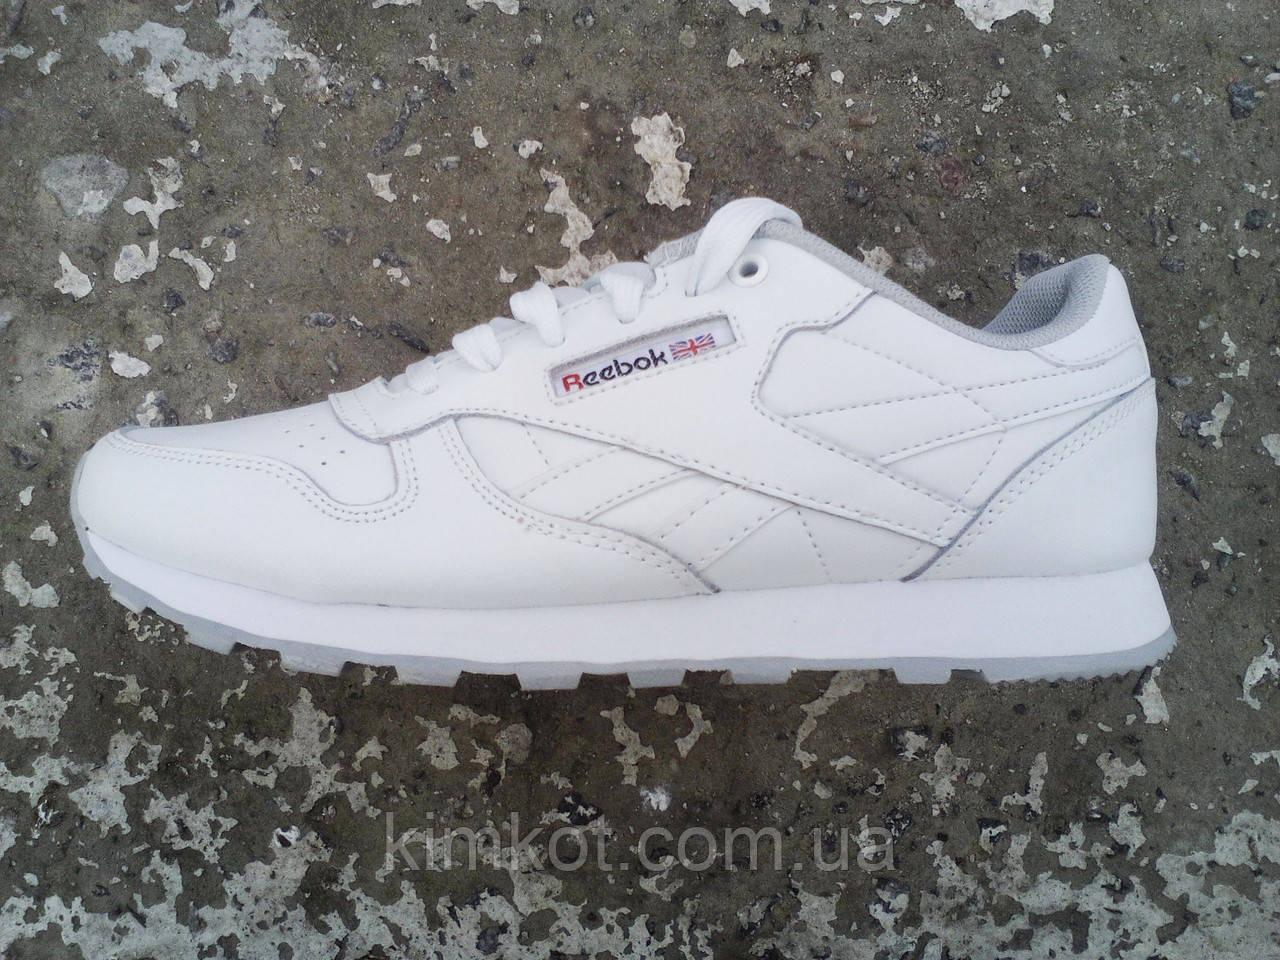 Кроссовки подростковые белые Reebok 36 -41 р-р  продажа 7caeaa2a6f18c